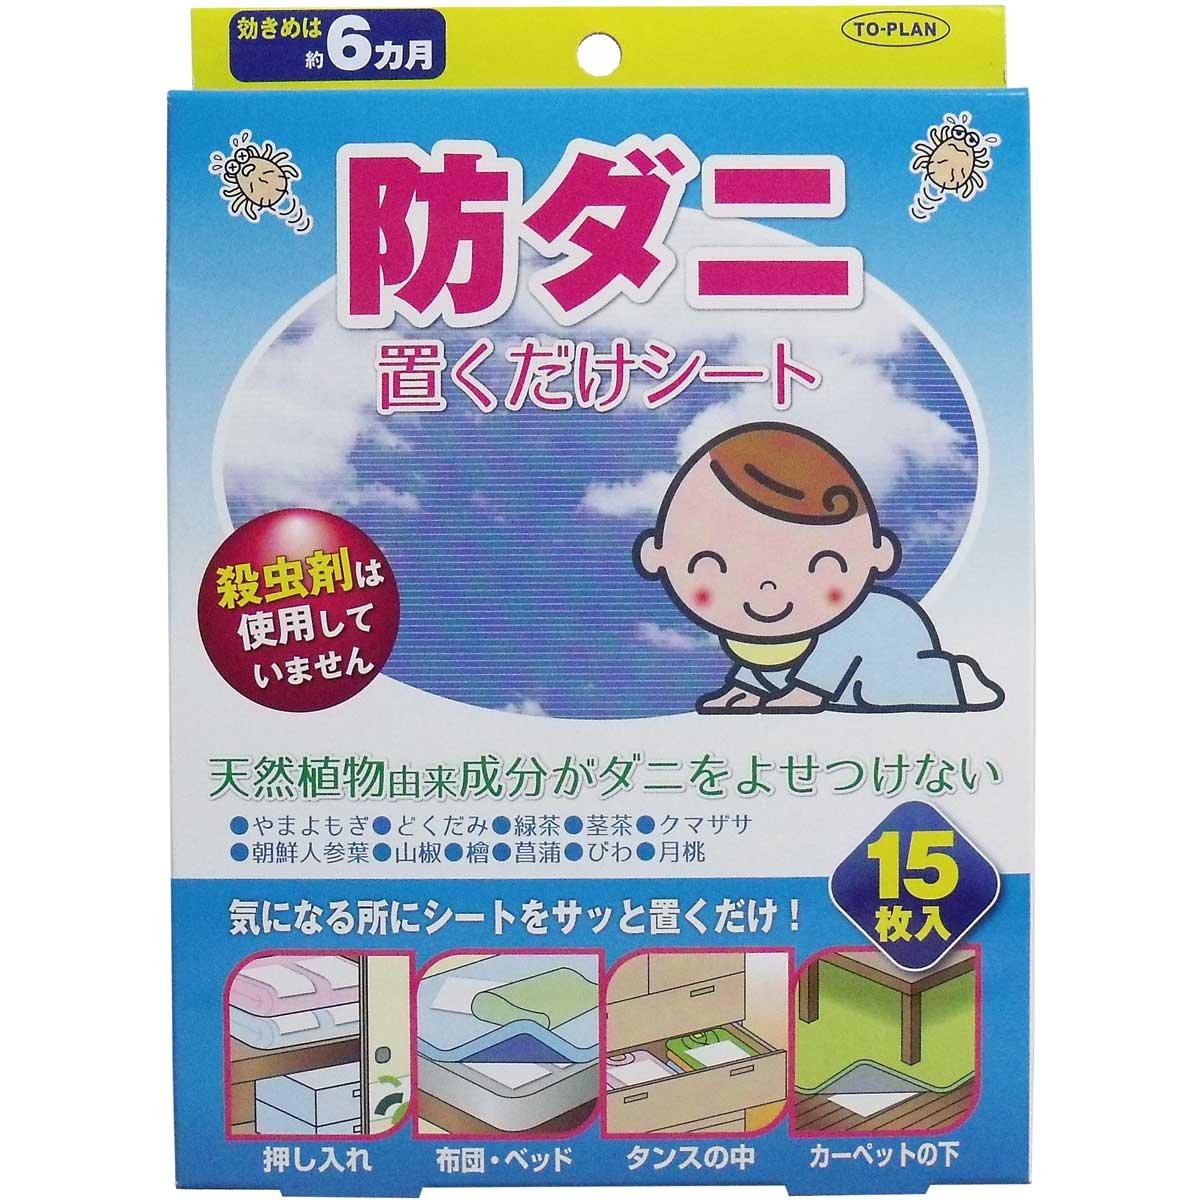 日本製造天然防蚤防塵蟎吸蚤布 (15枚入) x 1盒